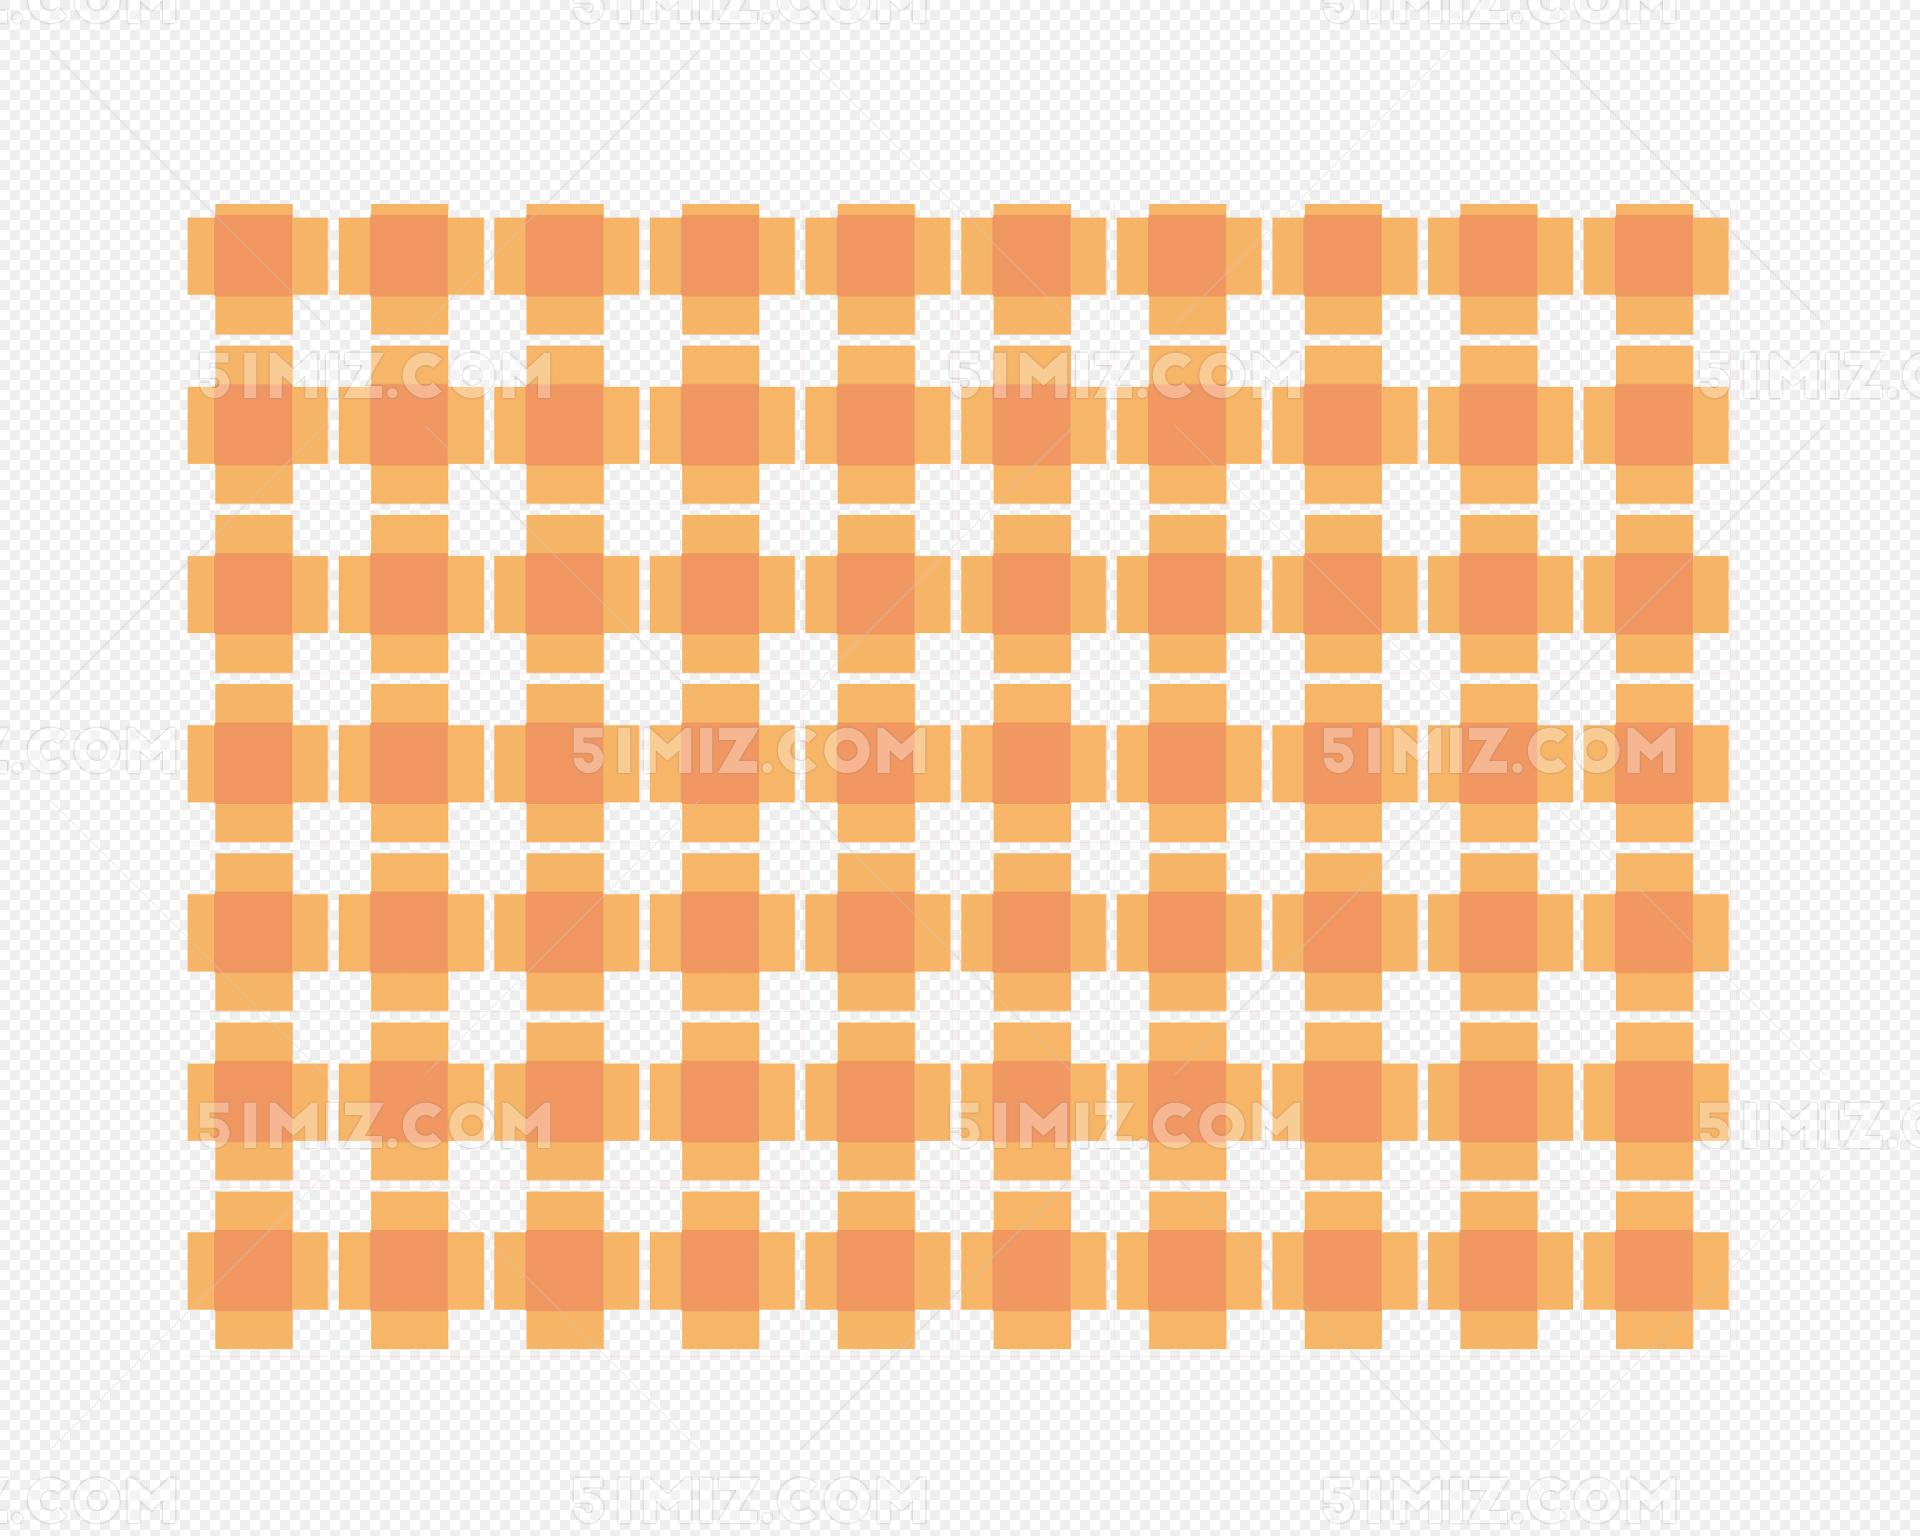 矢量格子花纹